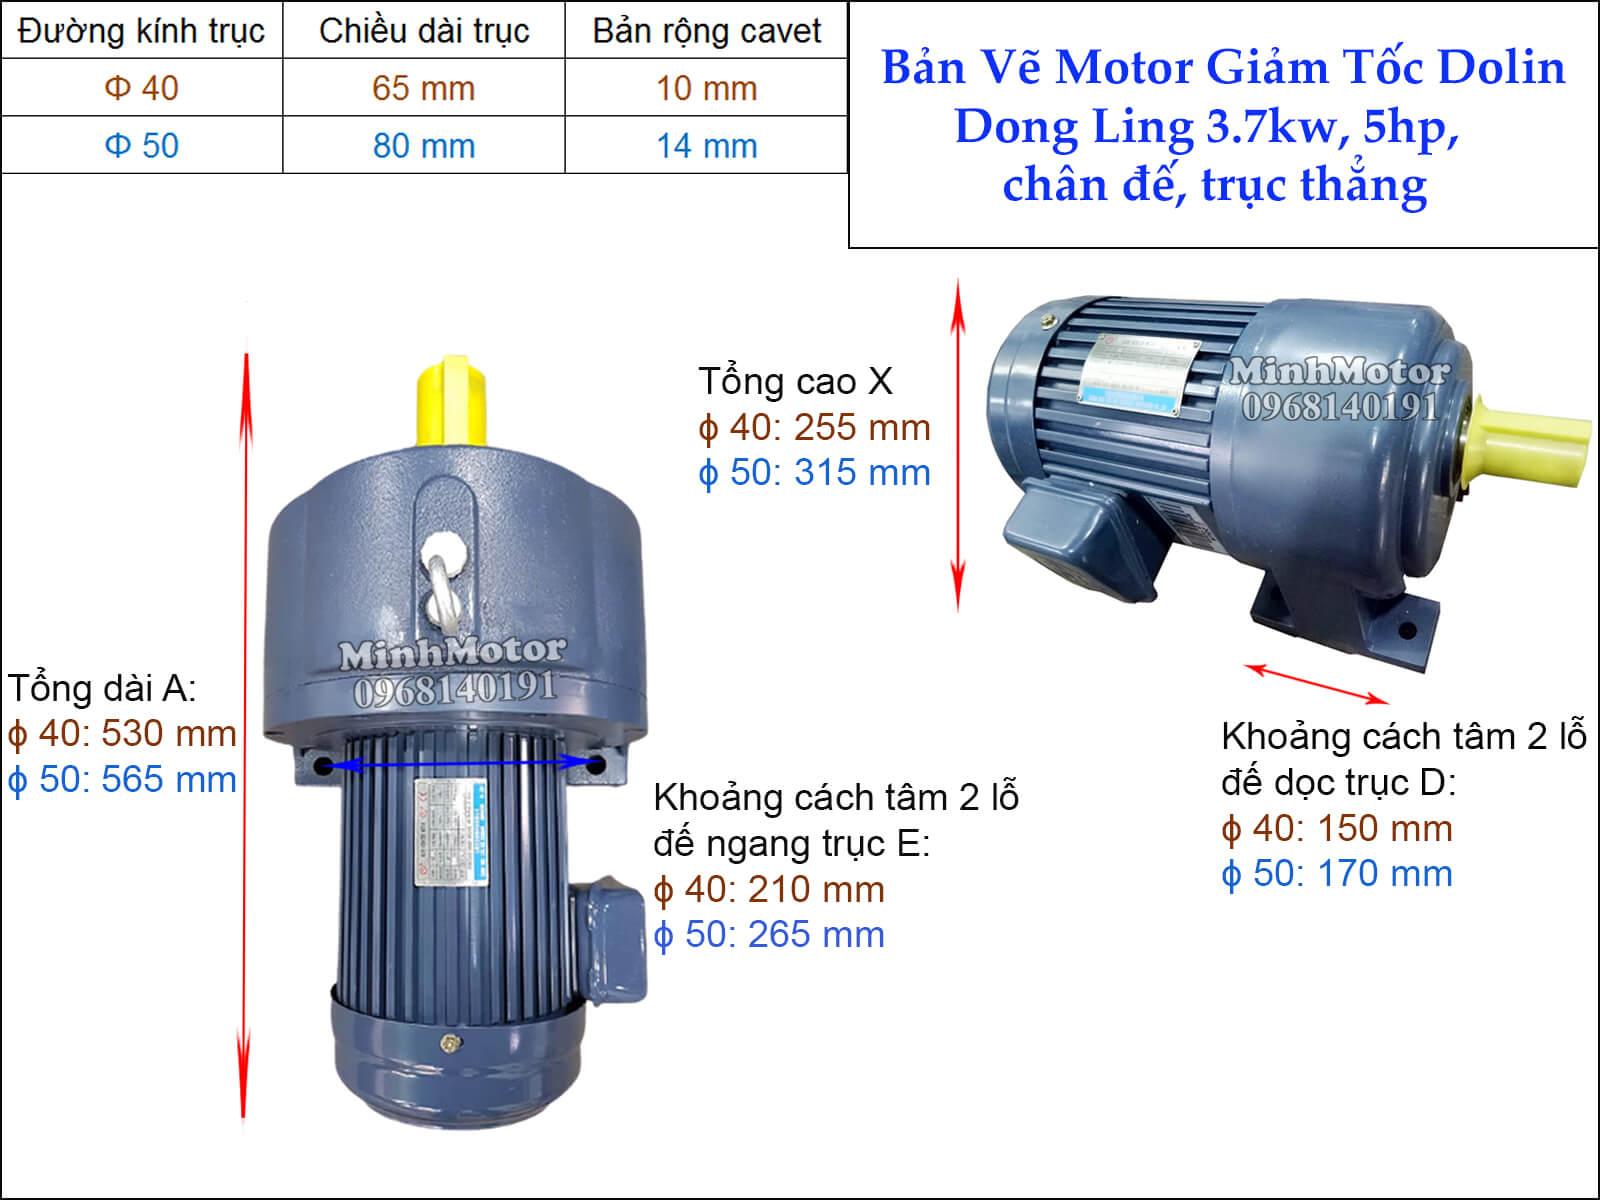 Motor giảm tốc Dolin 3.7kw 5hp DLSH chân đế trục thẳng